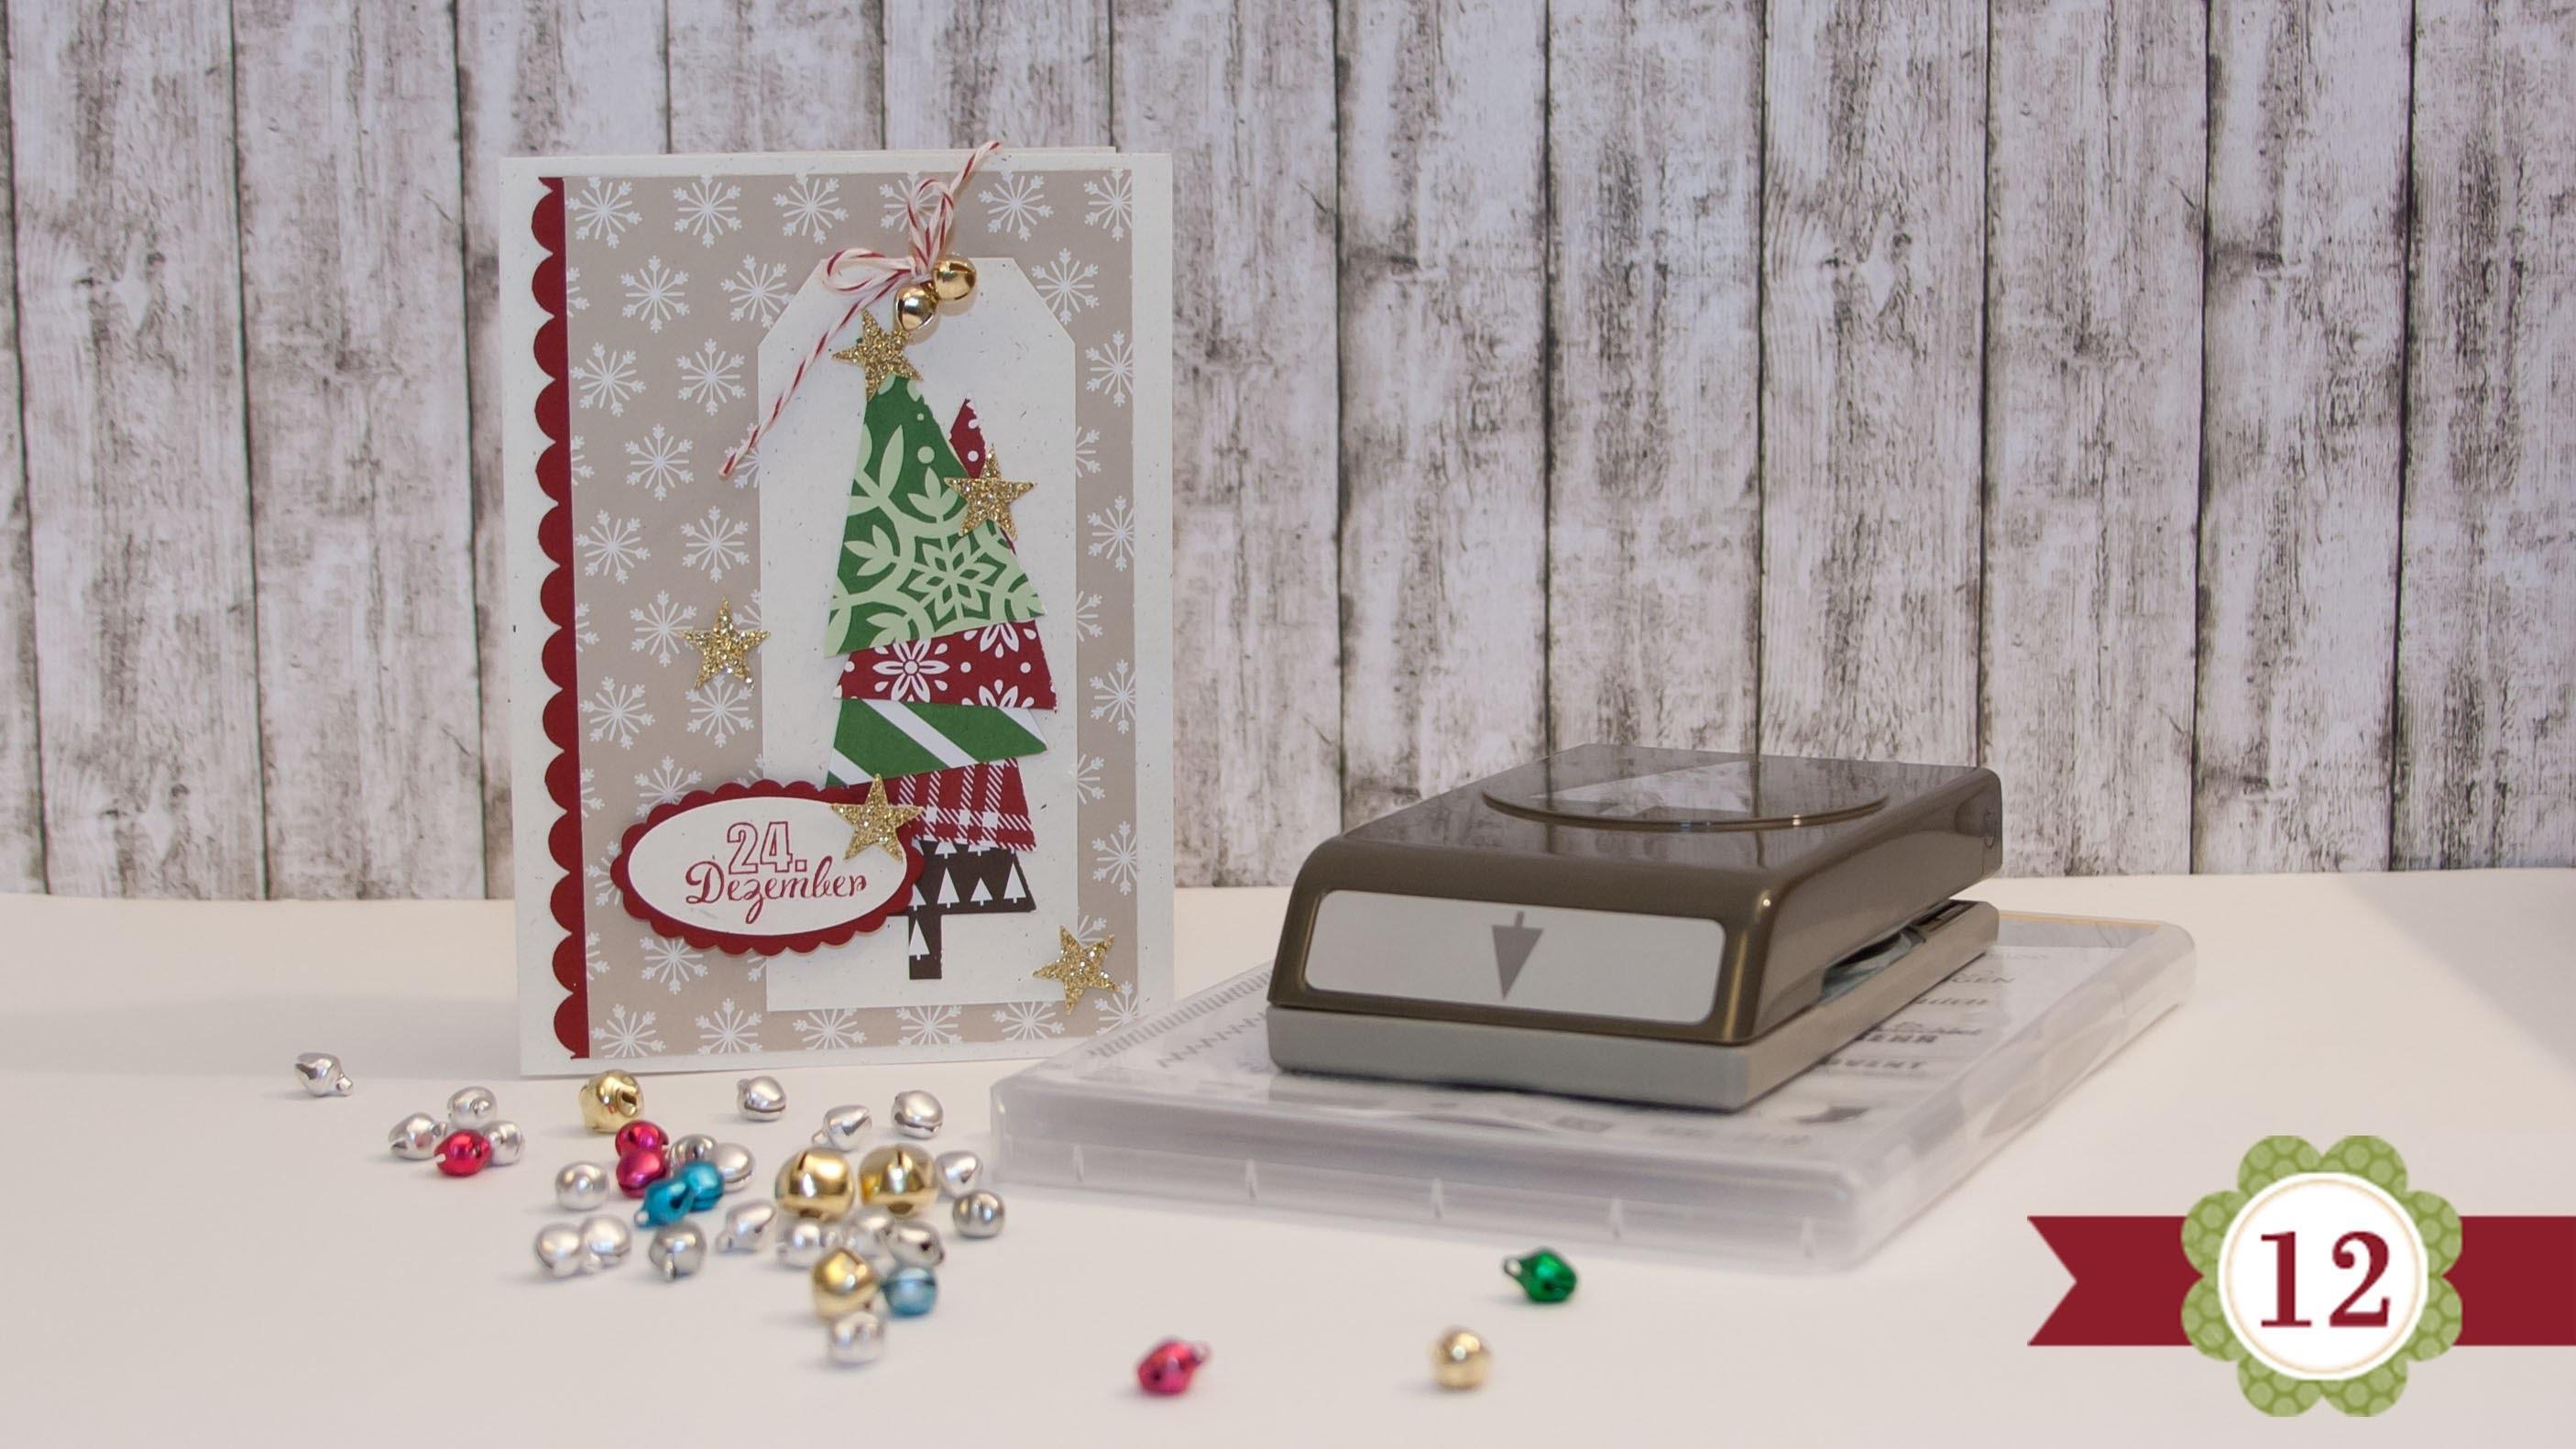 DIY - 12 Karten bis Weihnachten - #12 - Stampin' Up!